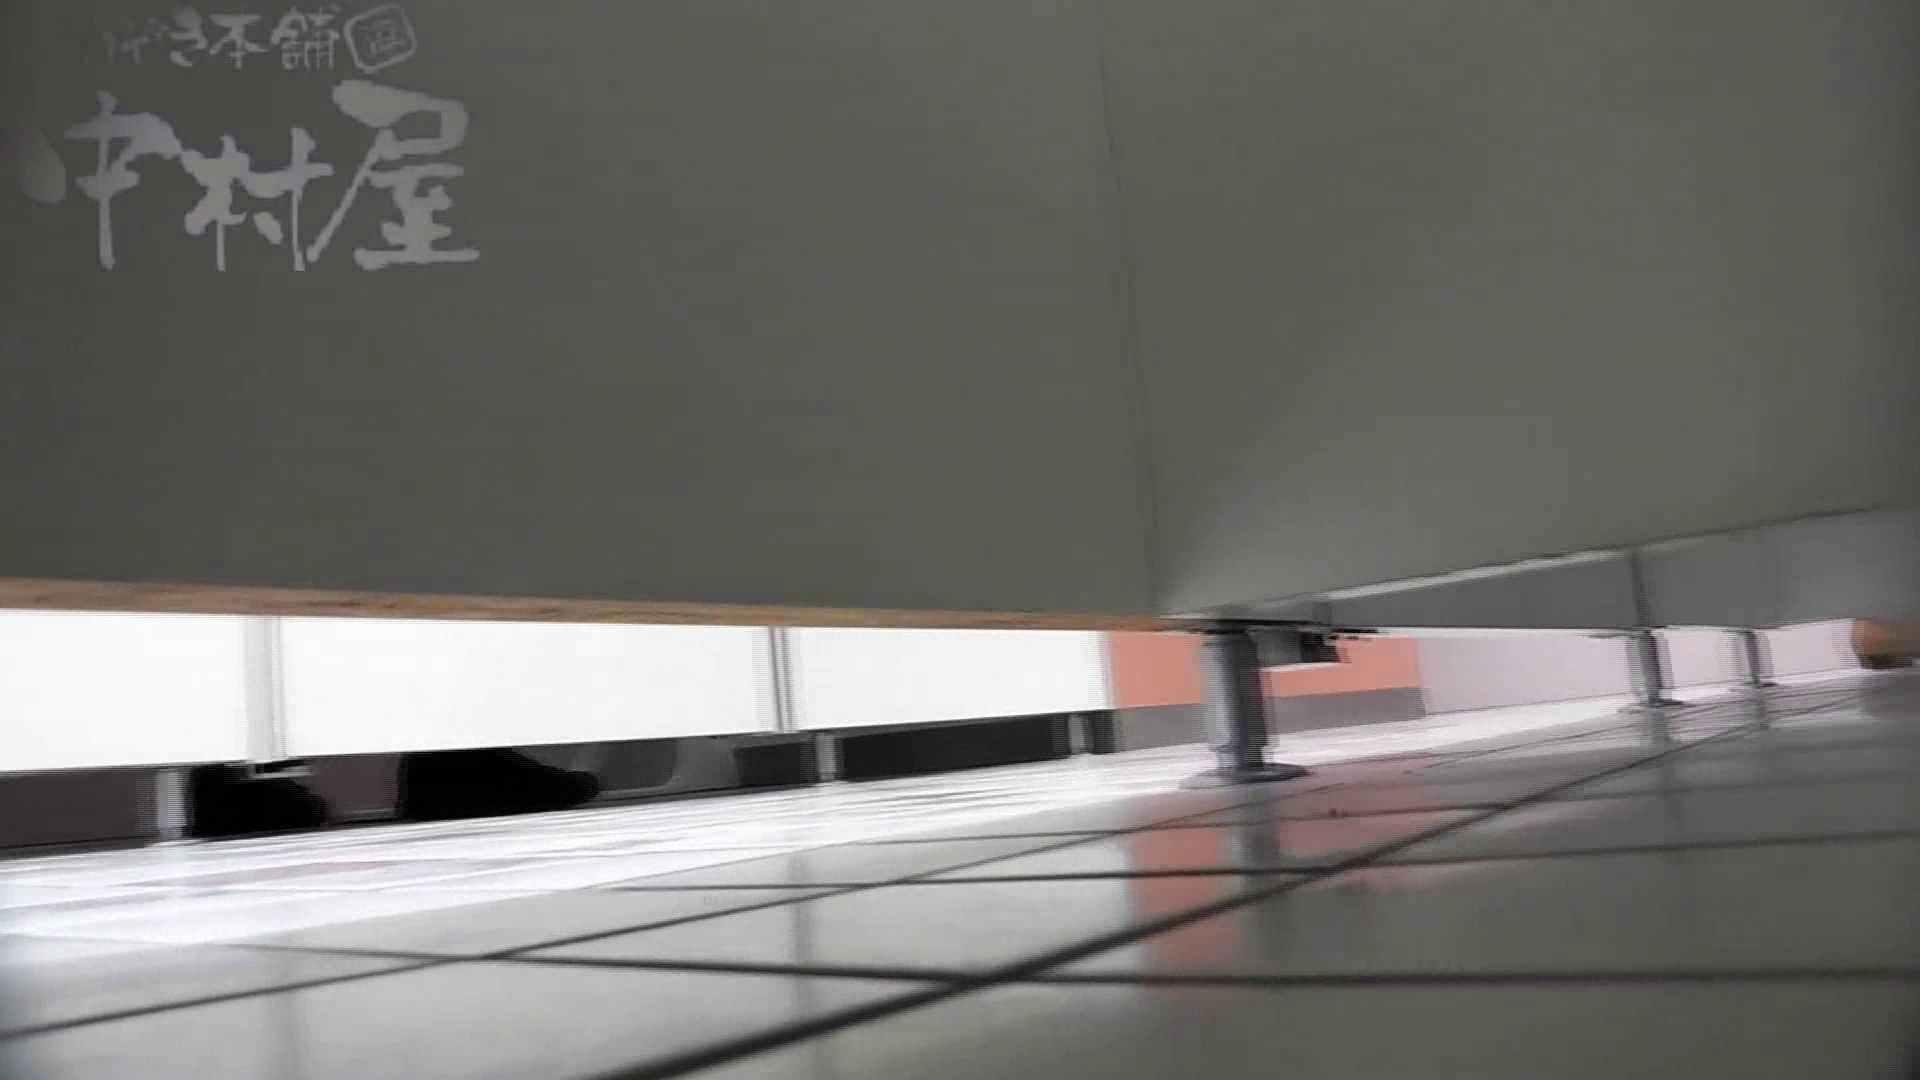 無修正エロ動画|美しい日本の未来 No.34 緊迫!予告モデル撮ろうとしたら清掃員に遭遇|のぞき本舗 中村屋